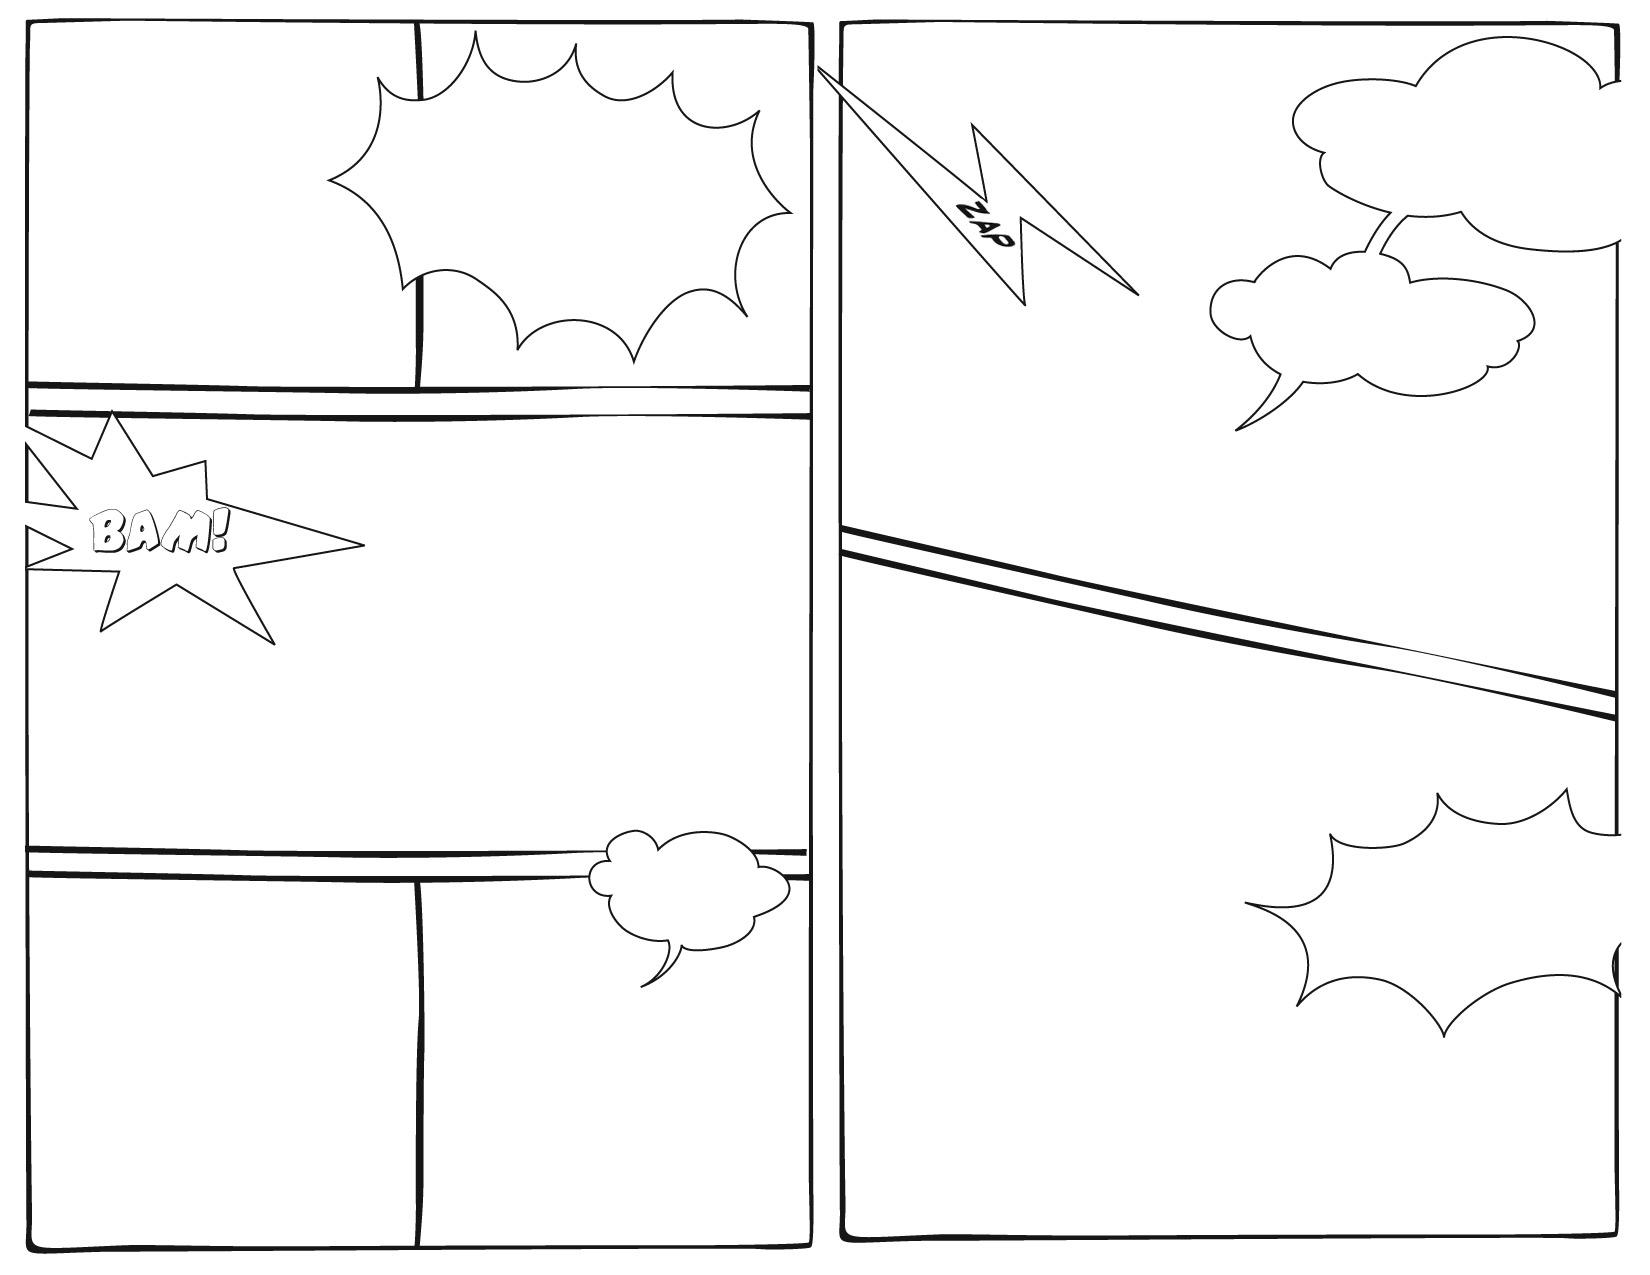 Superhero Drawing Template At Getdrawings